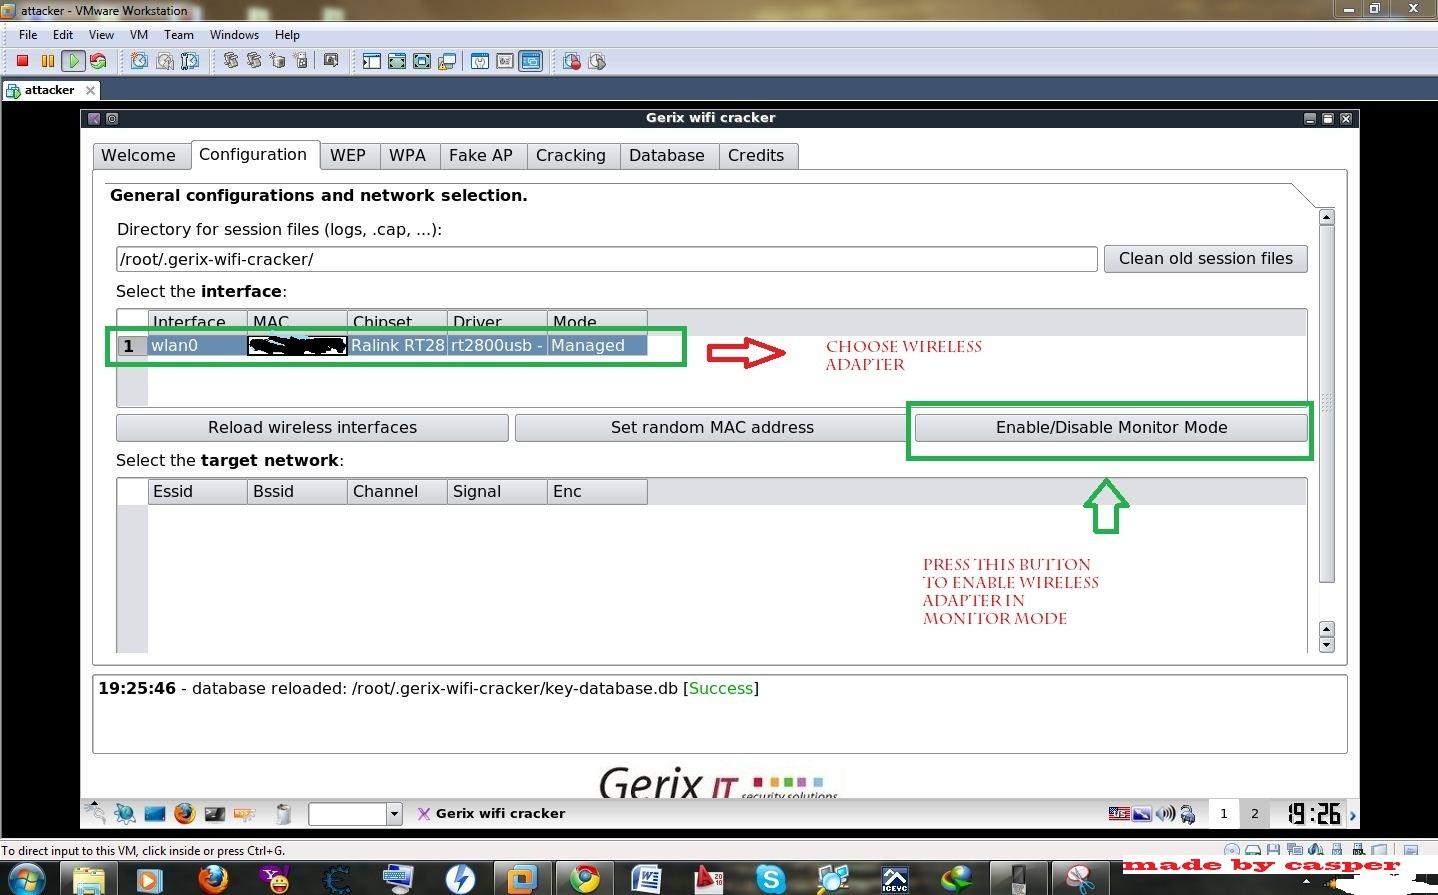 Gerix WiFi Cracker — инструмент для взлома беспроводных сетей 802.11 с графическим интерфейсом